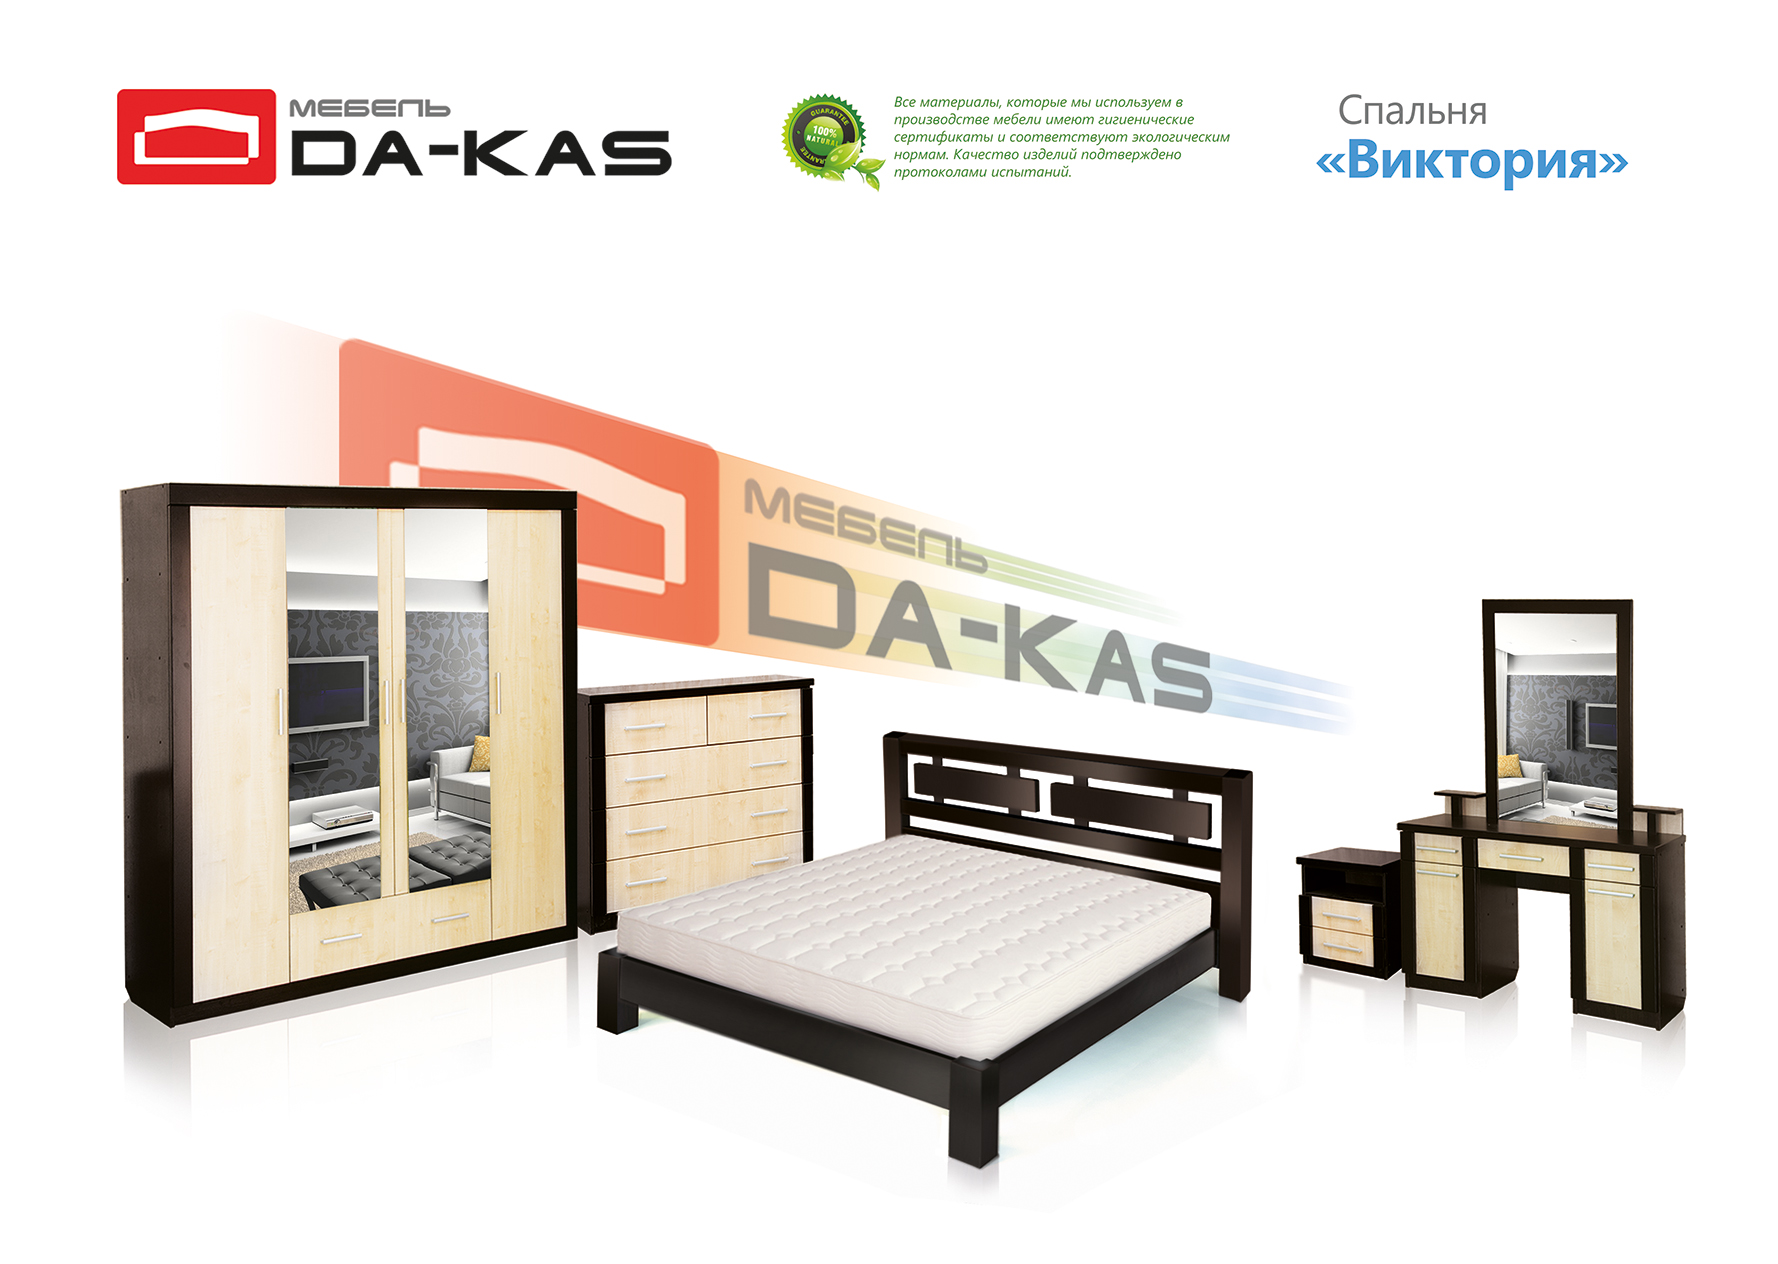 спальня виктория Da Kas цена фото отзывы описание заказать